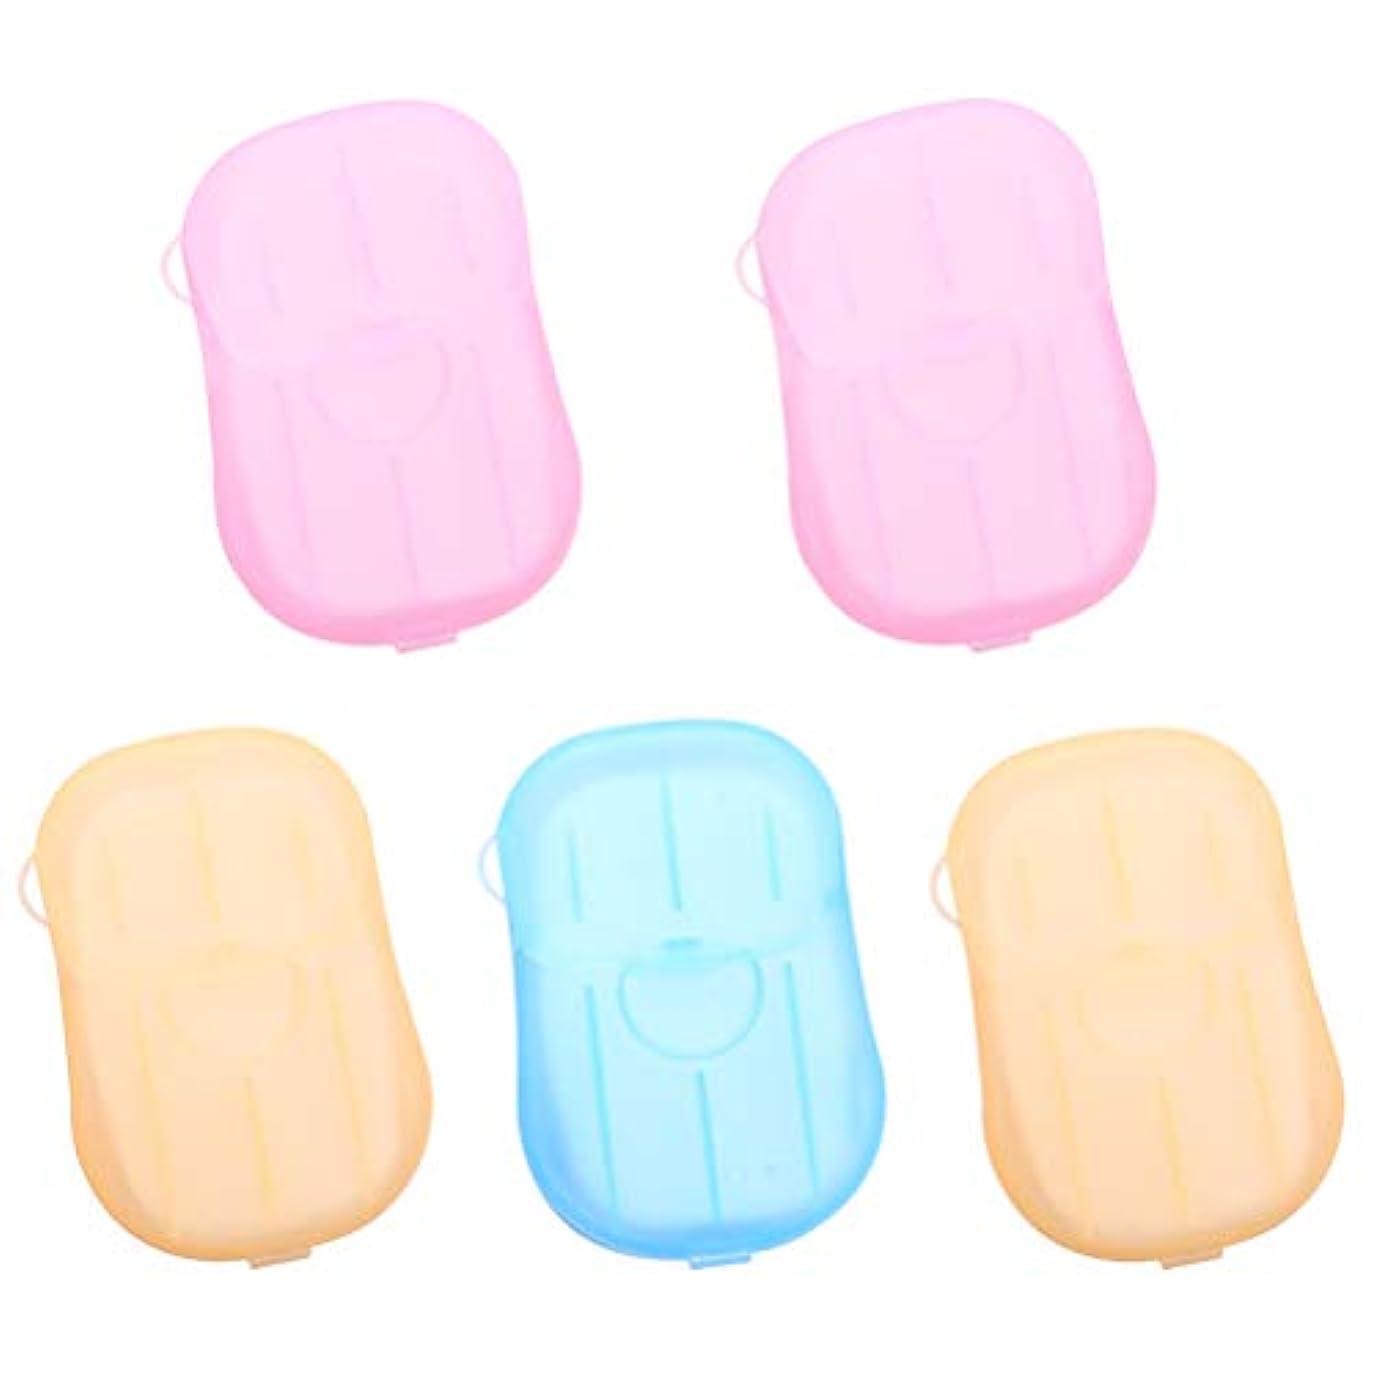 スーパーマーケット終点強大なHealifty 5pcs乾燥石鹸は、発泡ボックスの紙の石鹸のフレークを洗うハンドバス石鹸のスライドシート